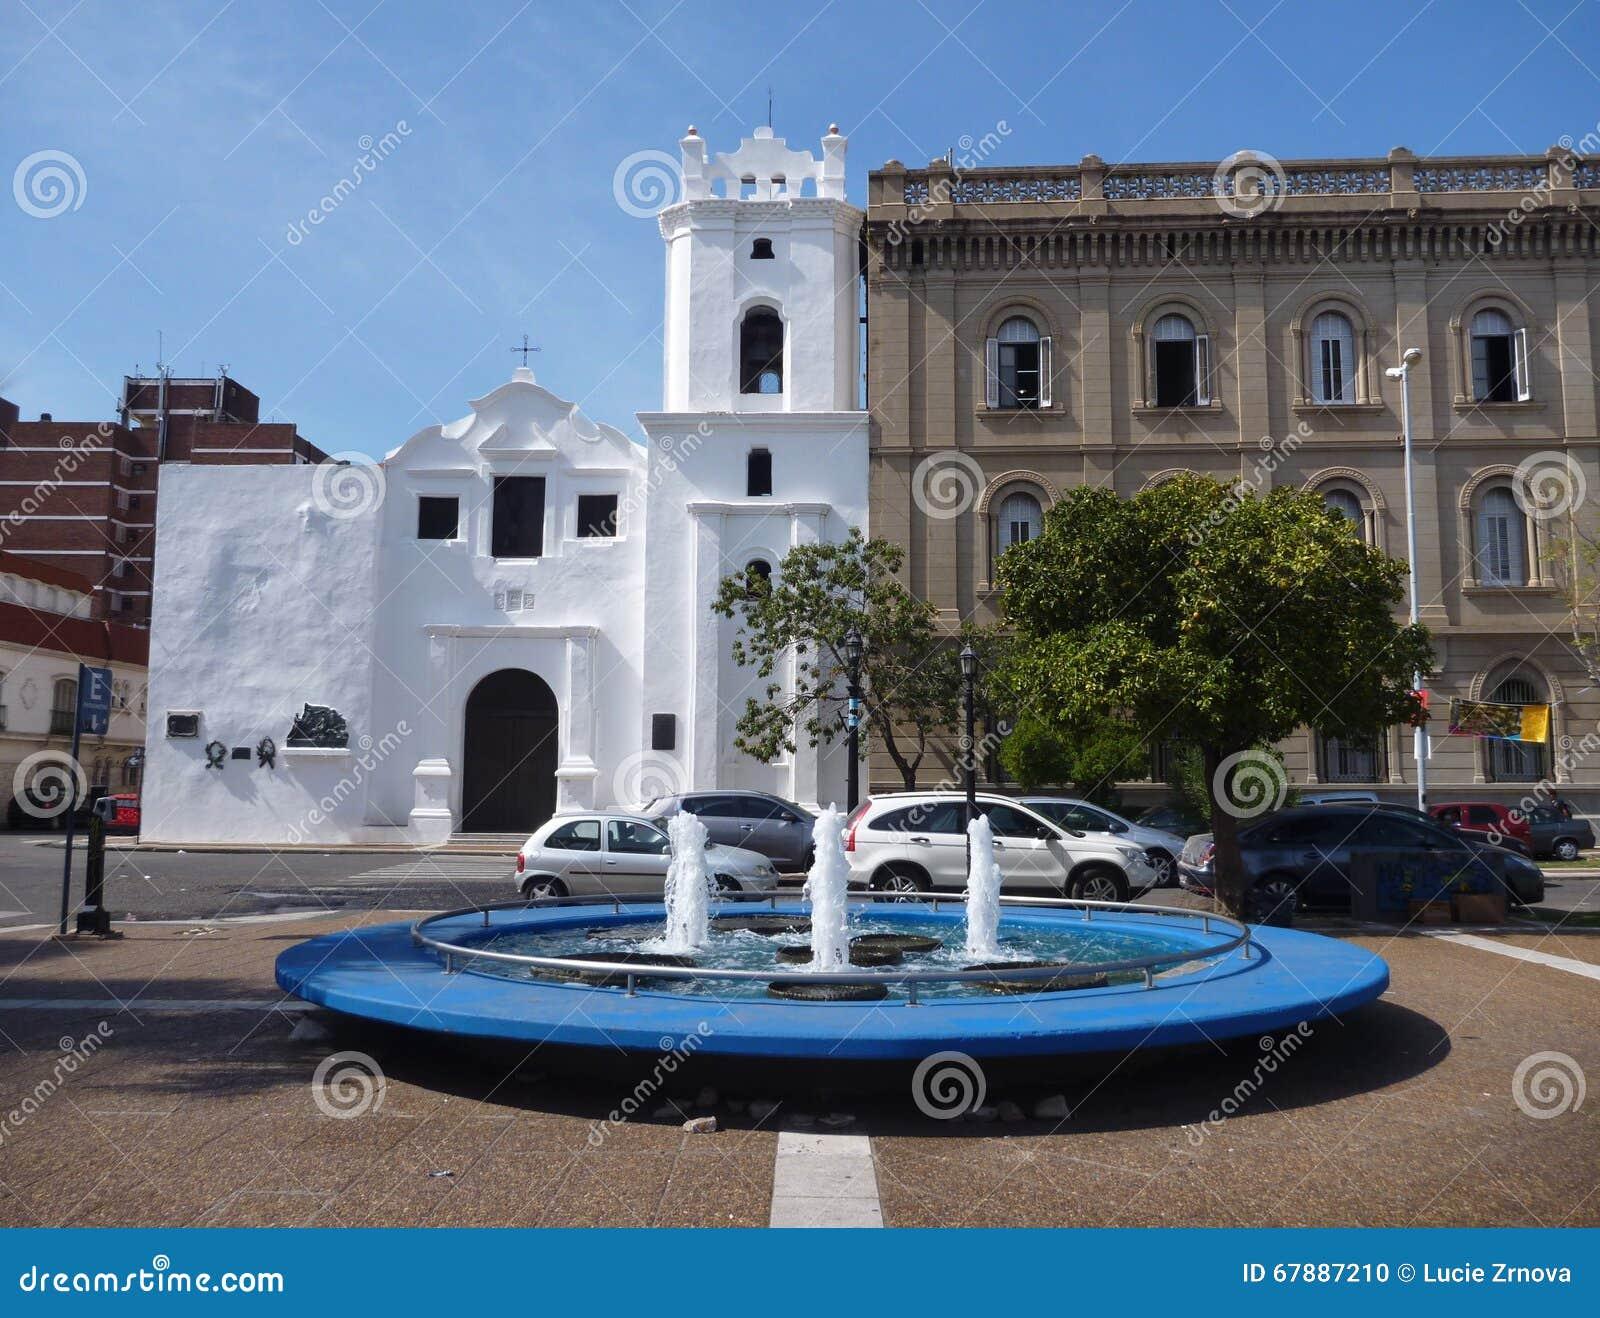 Fonte redonda azul na frente de uma igreja branca